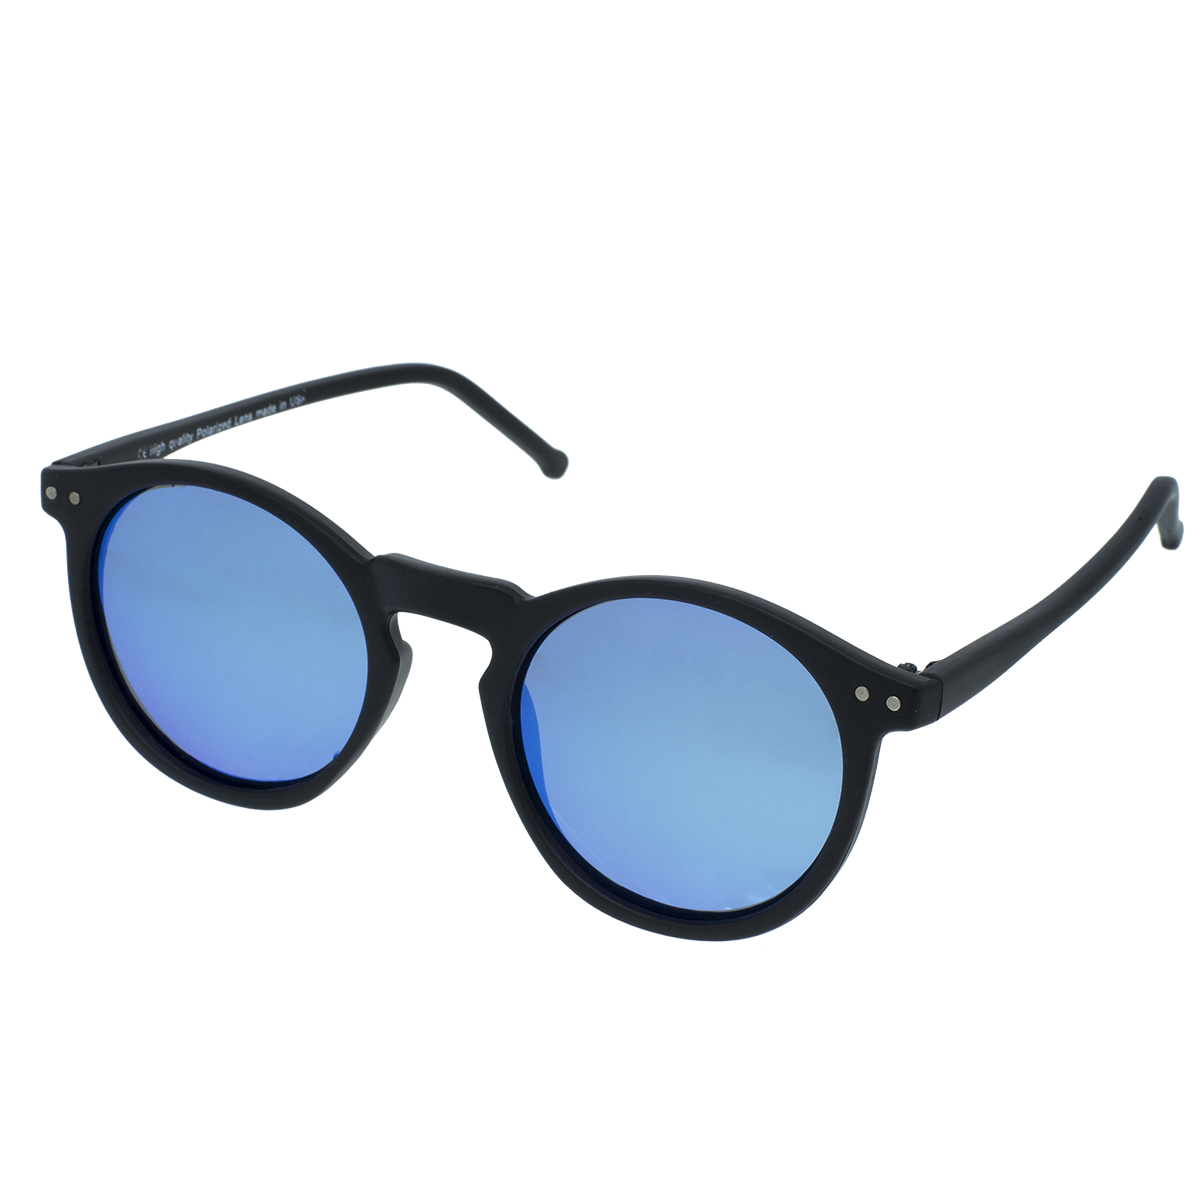 a3616e25f ... slnečné okuliare Fountain čierne rámy modré sklá. -38%. rewex  Polarizačné ...